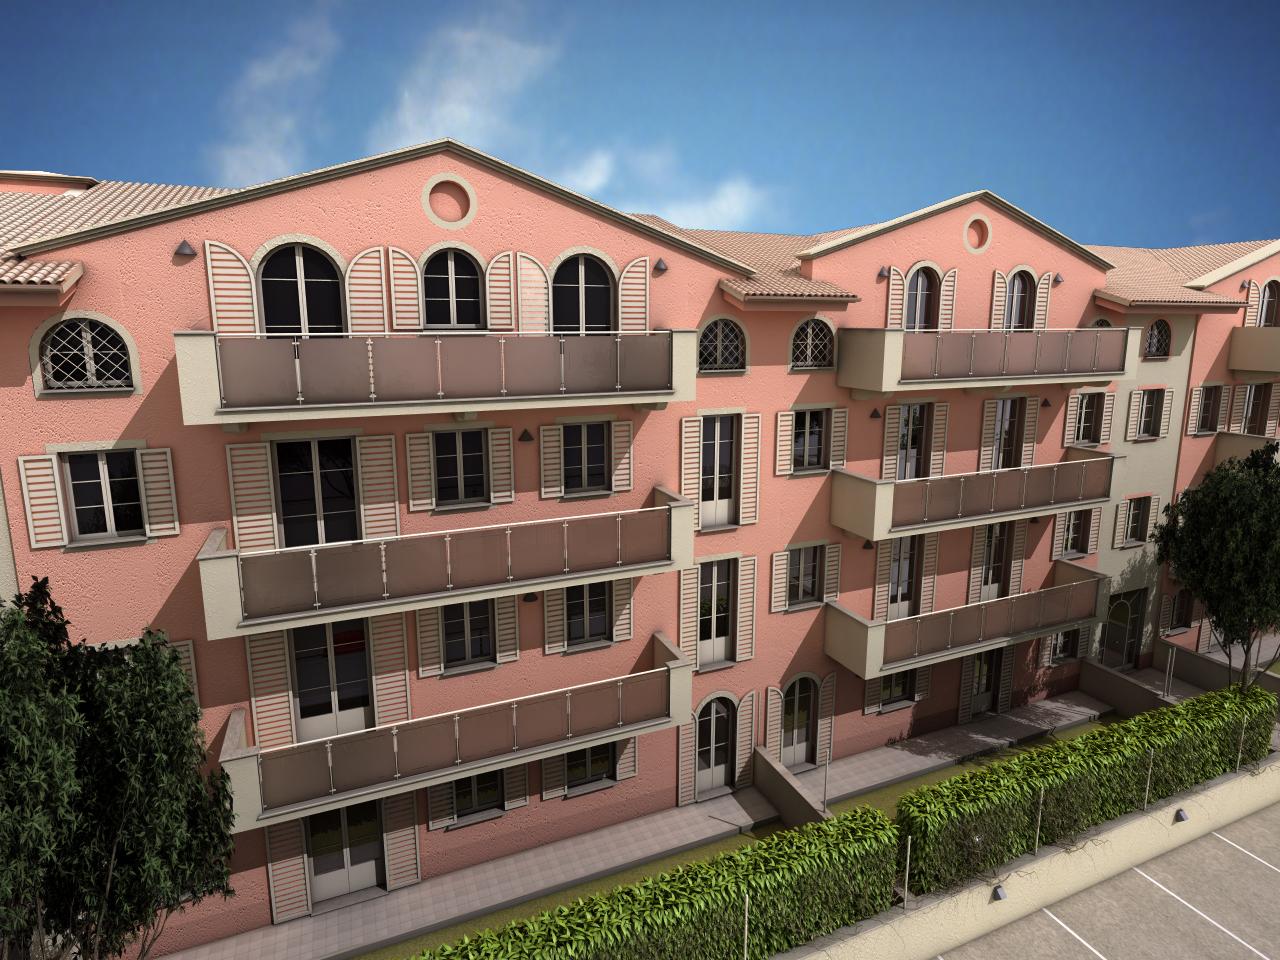 nuova-costruzione-di-fabbricato-residenziale-in-lucca-frazione-san-concordio-in-contrada-image-5